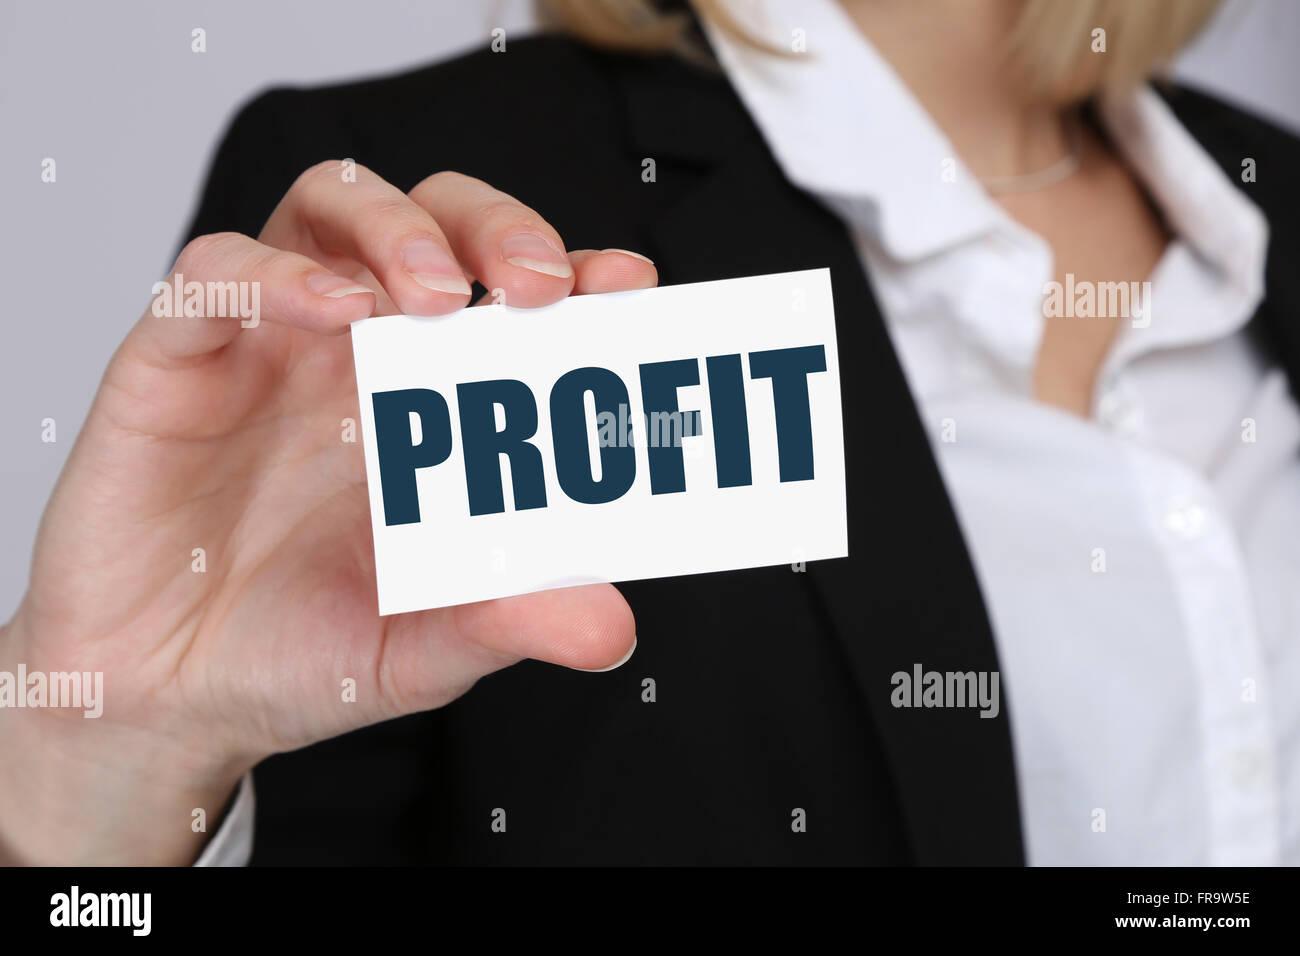 Gewinn Führung Finanzerfolg Geschäftskonzept erfolgreich Stockbild